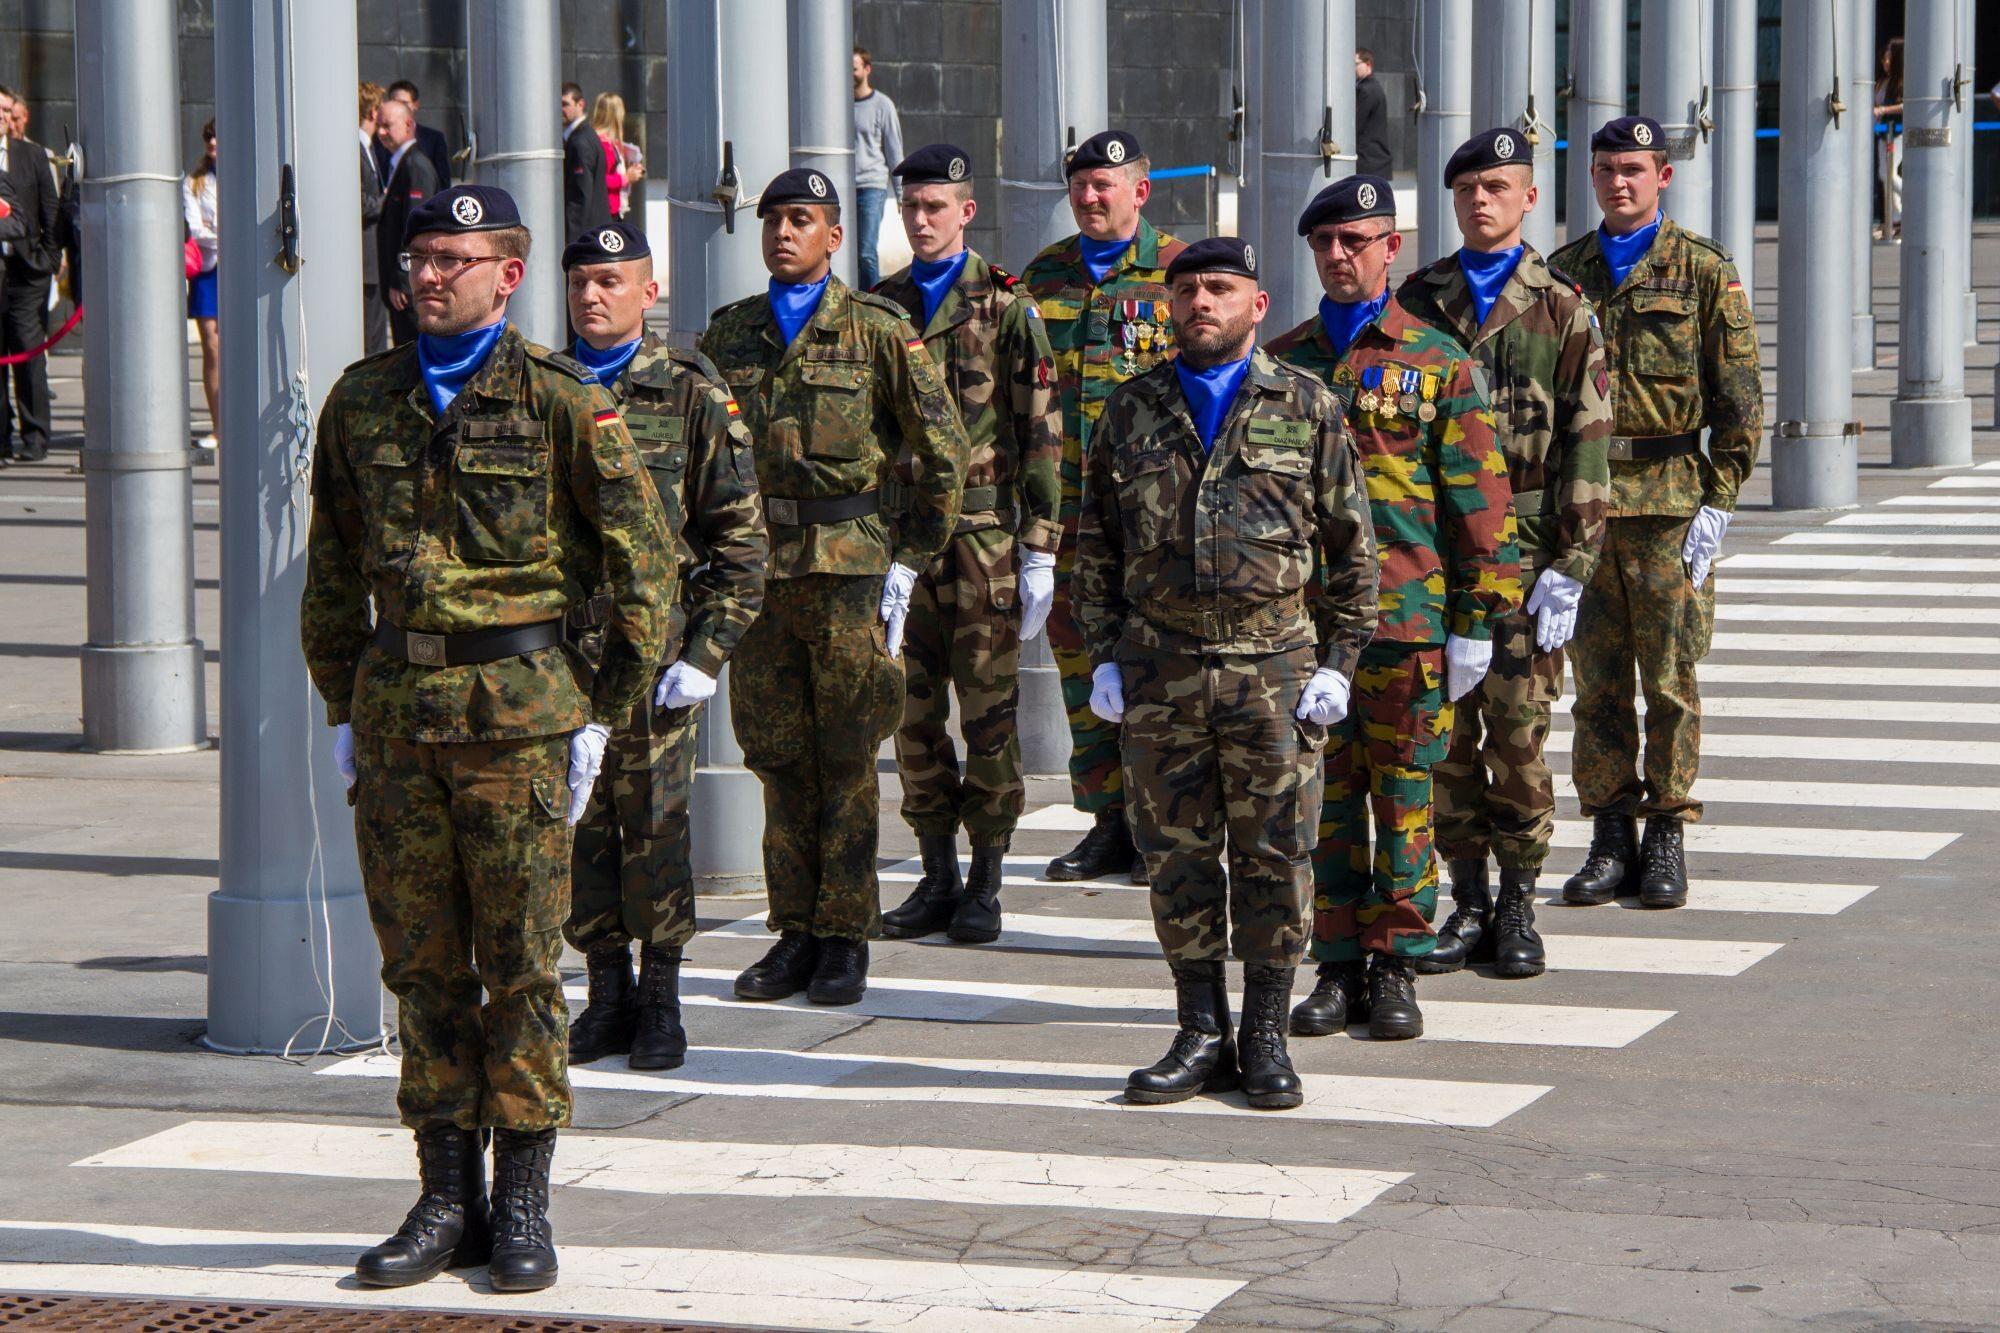 Żołnierze Eurokorpusu przed budynkiem Parlamentu Europejskiego w Starsbourgu